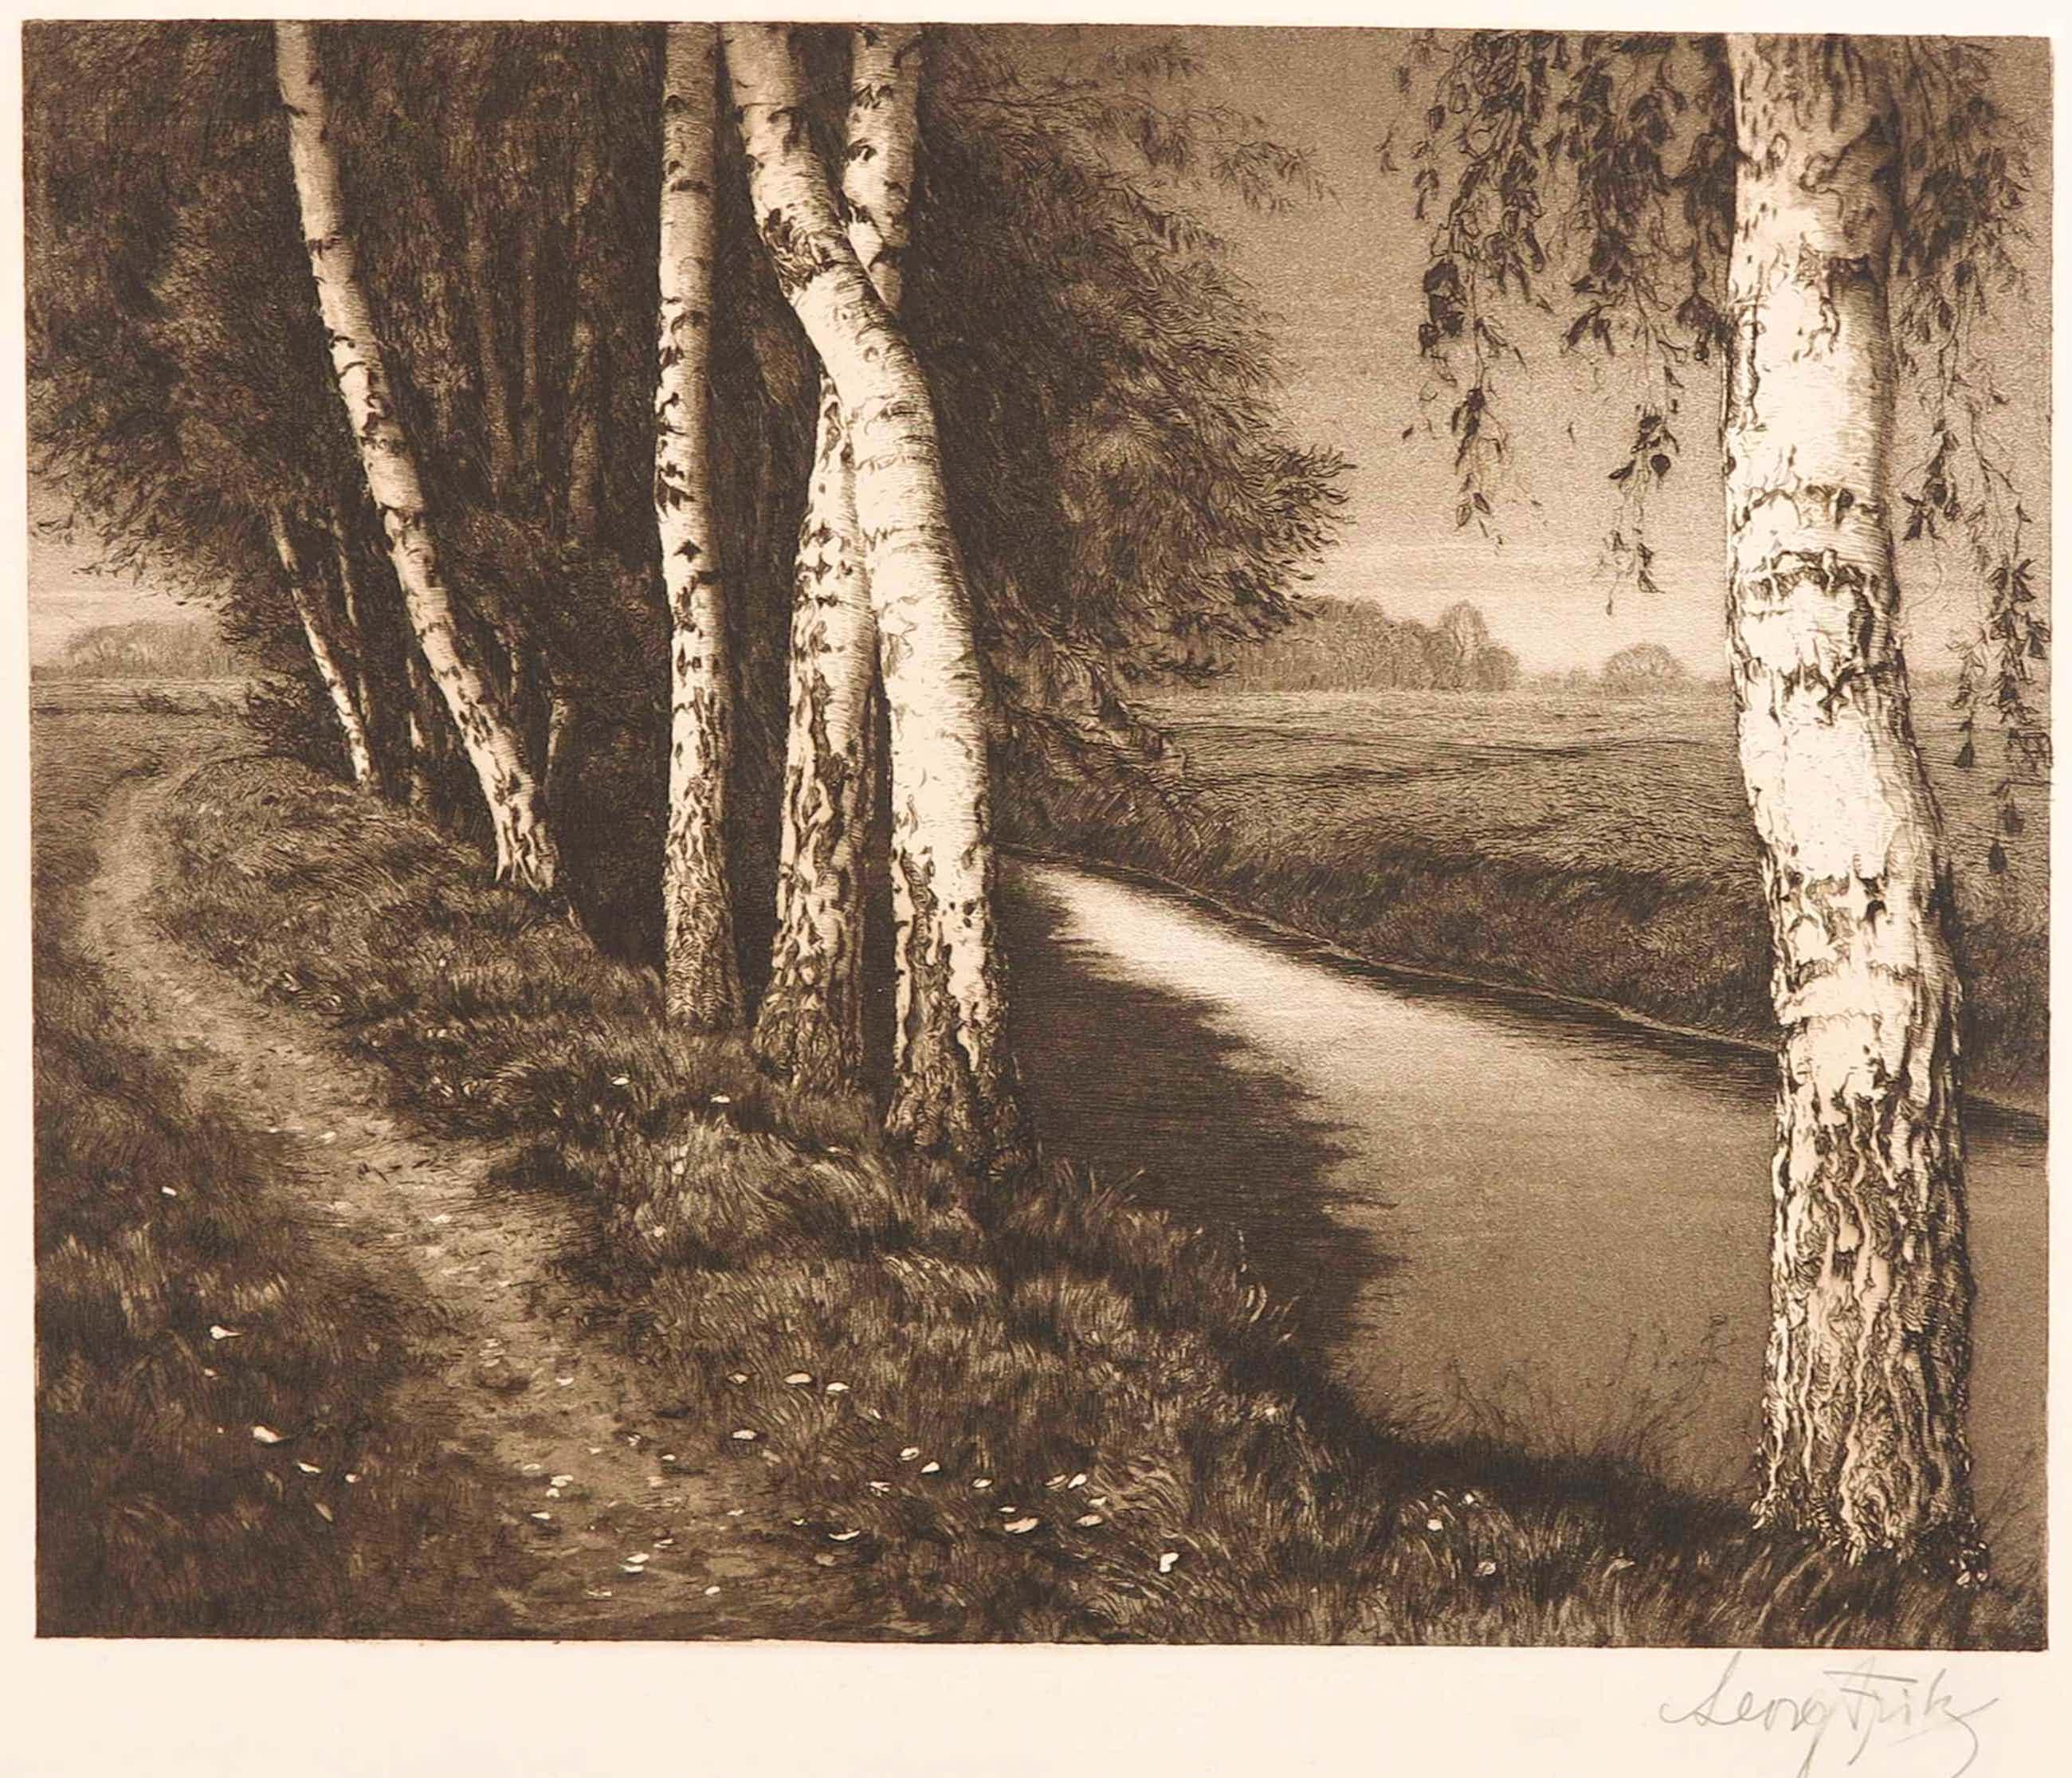 Georg Fritz - Radierung, Landschaft met Birken kopen? Bied vanaf 40!